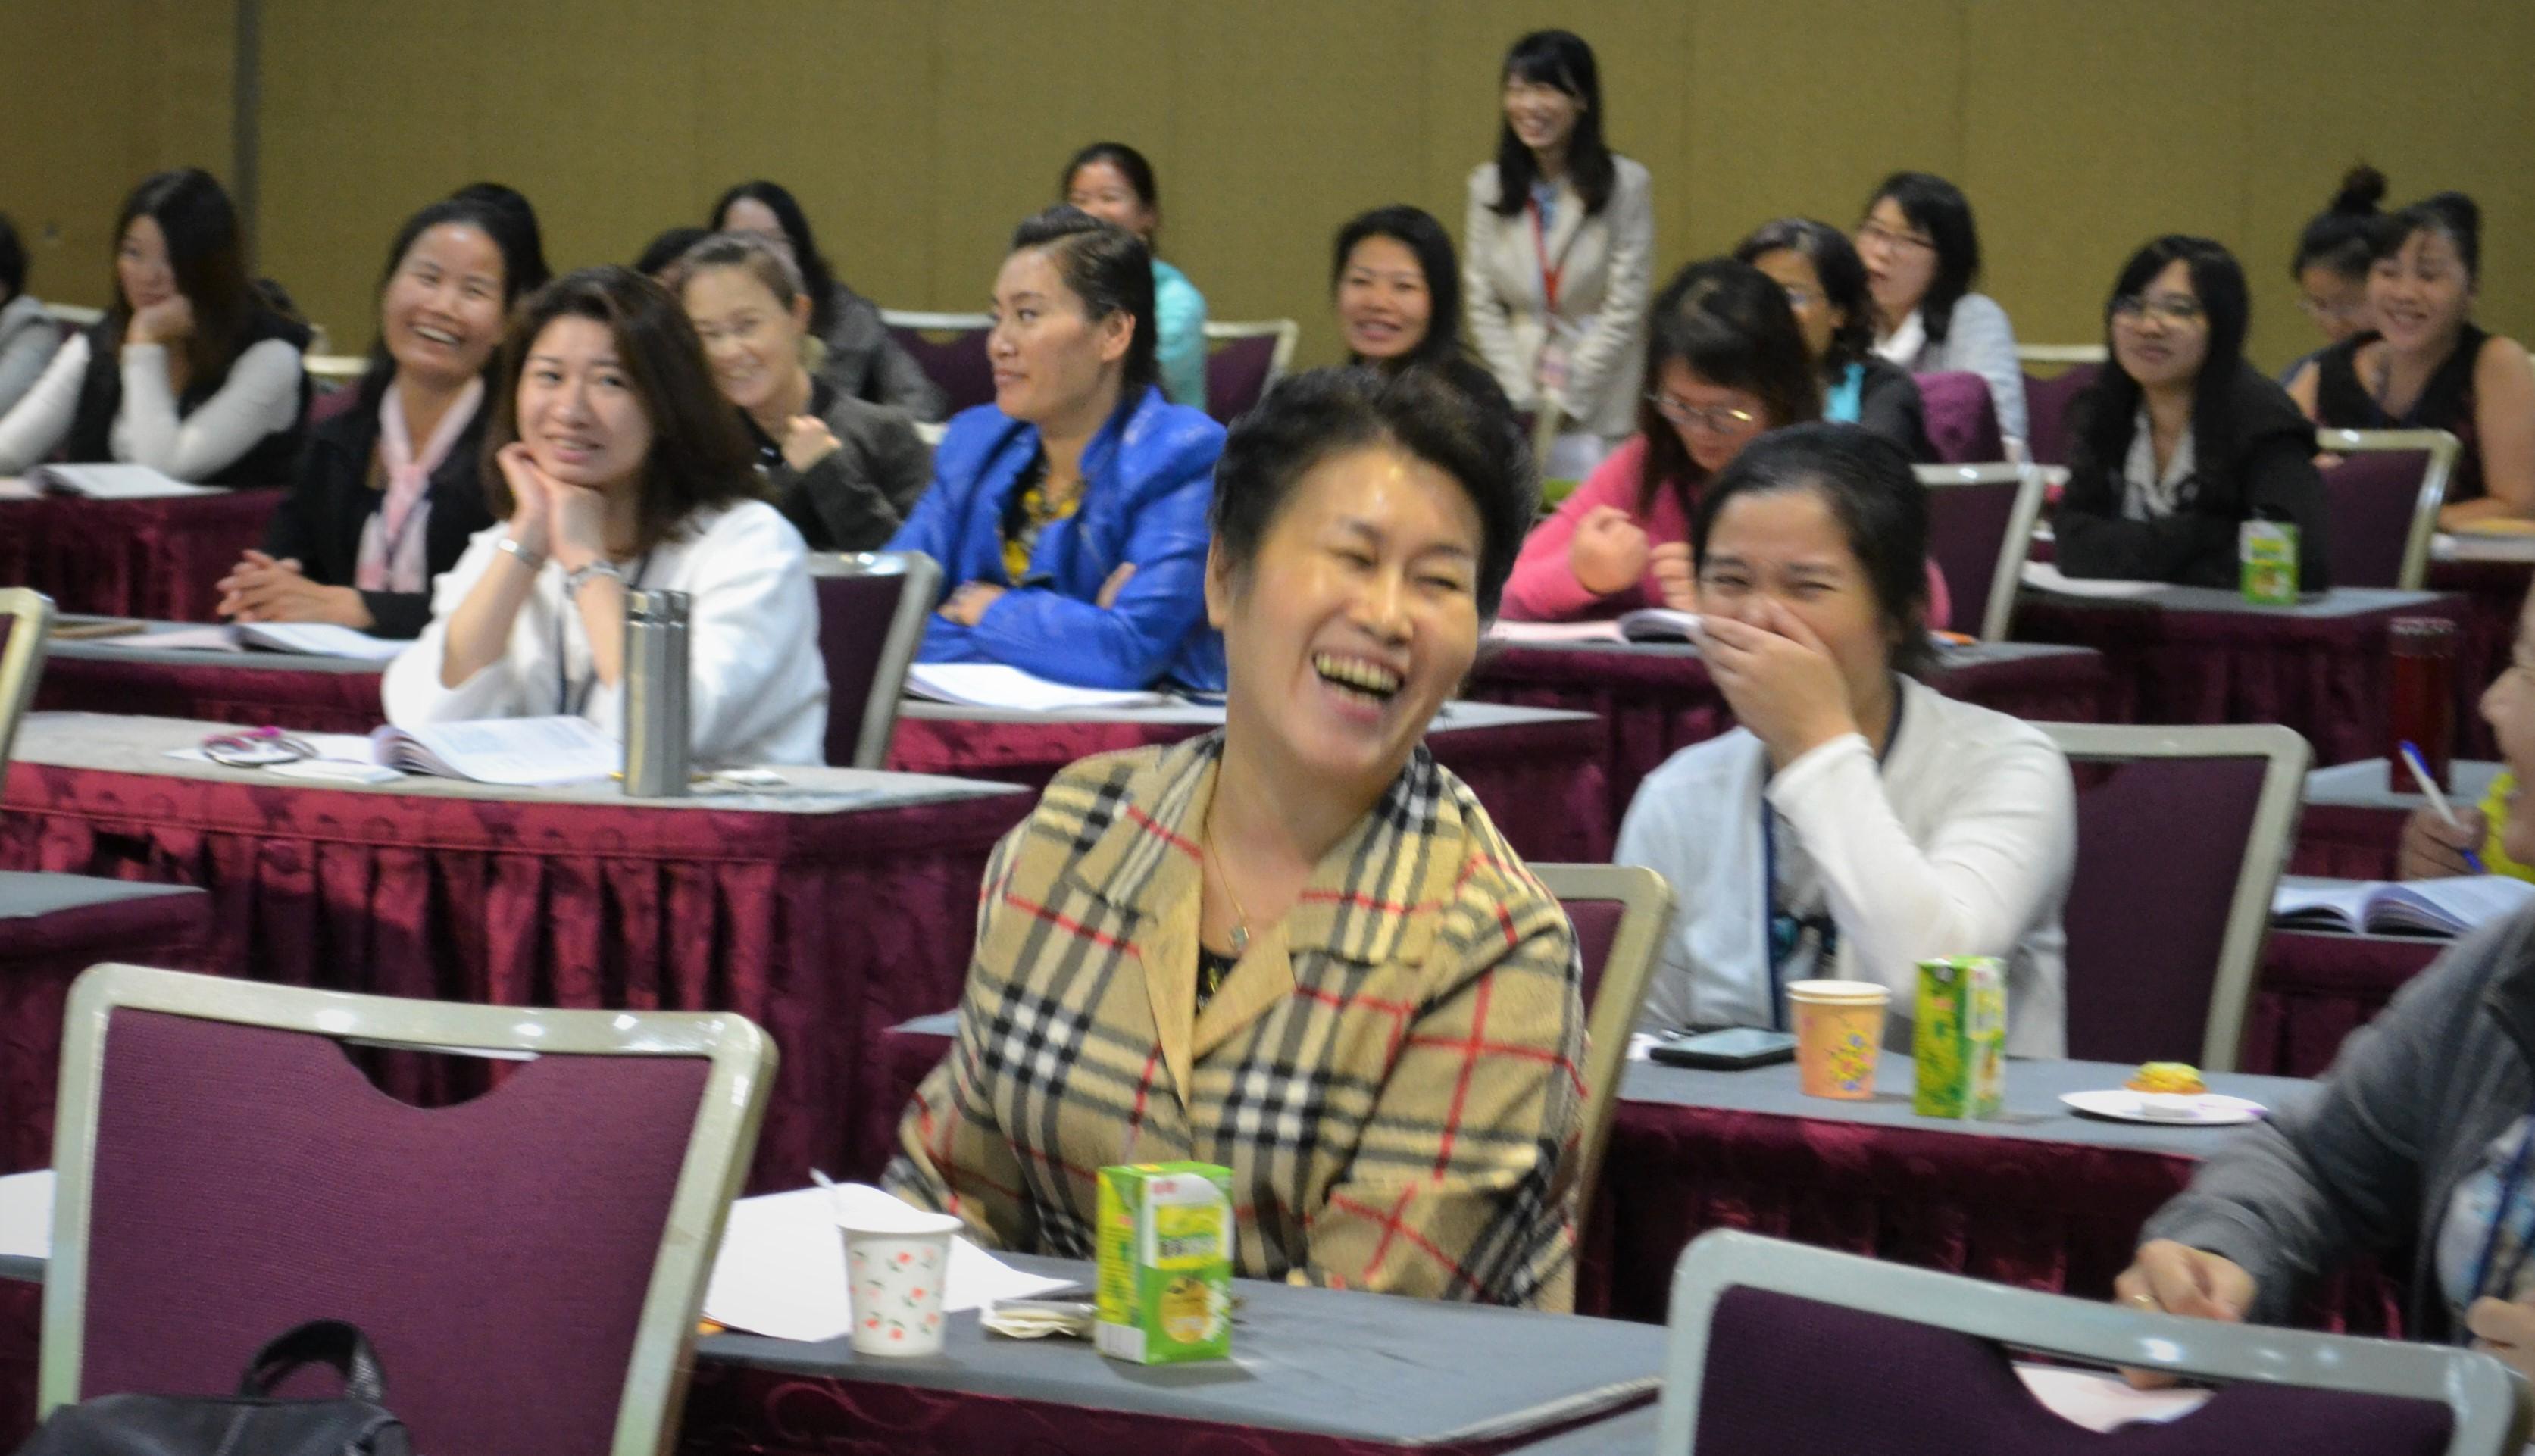 共同微笑、學習與成長。2017,台北